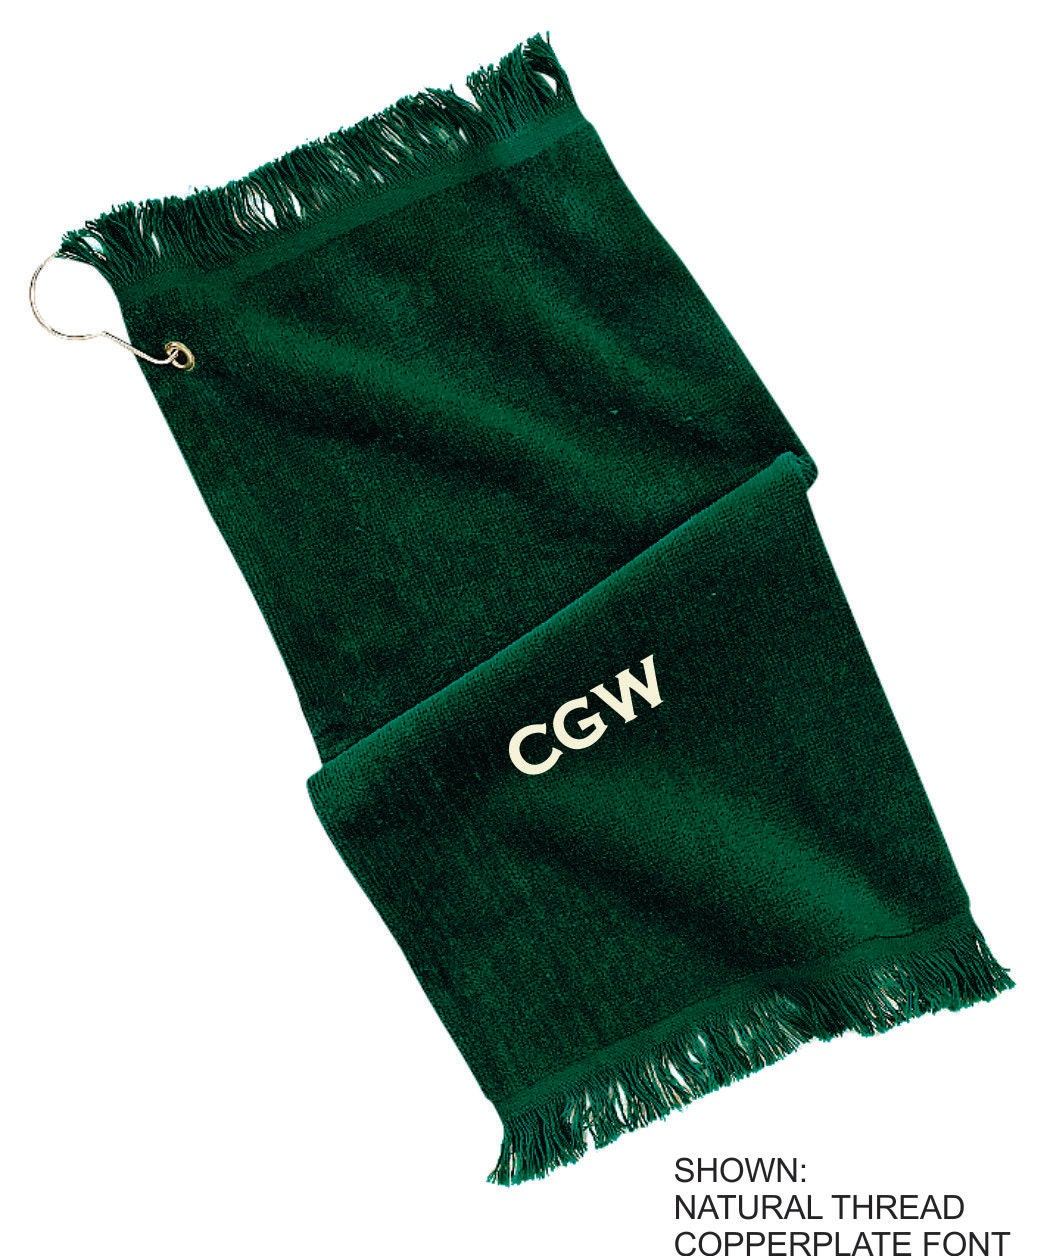 Personalized Grommet Towel Custom Golf Towel Monogrammed